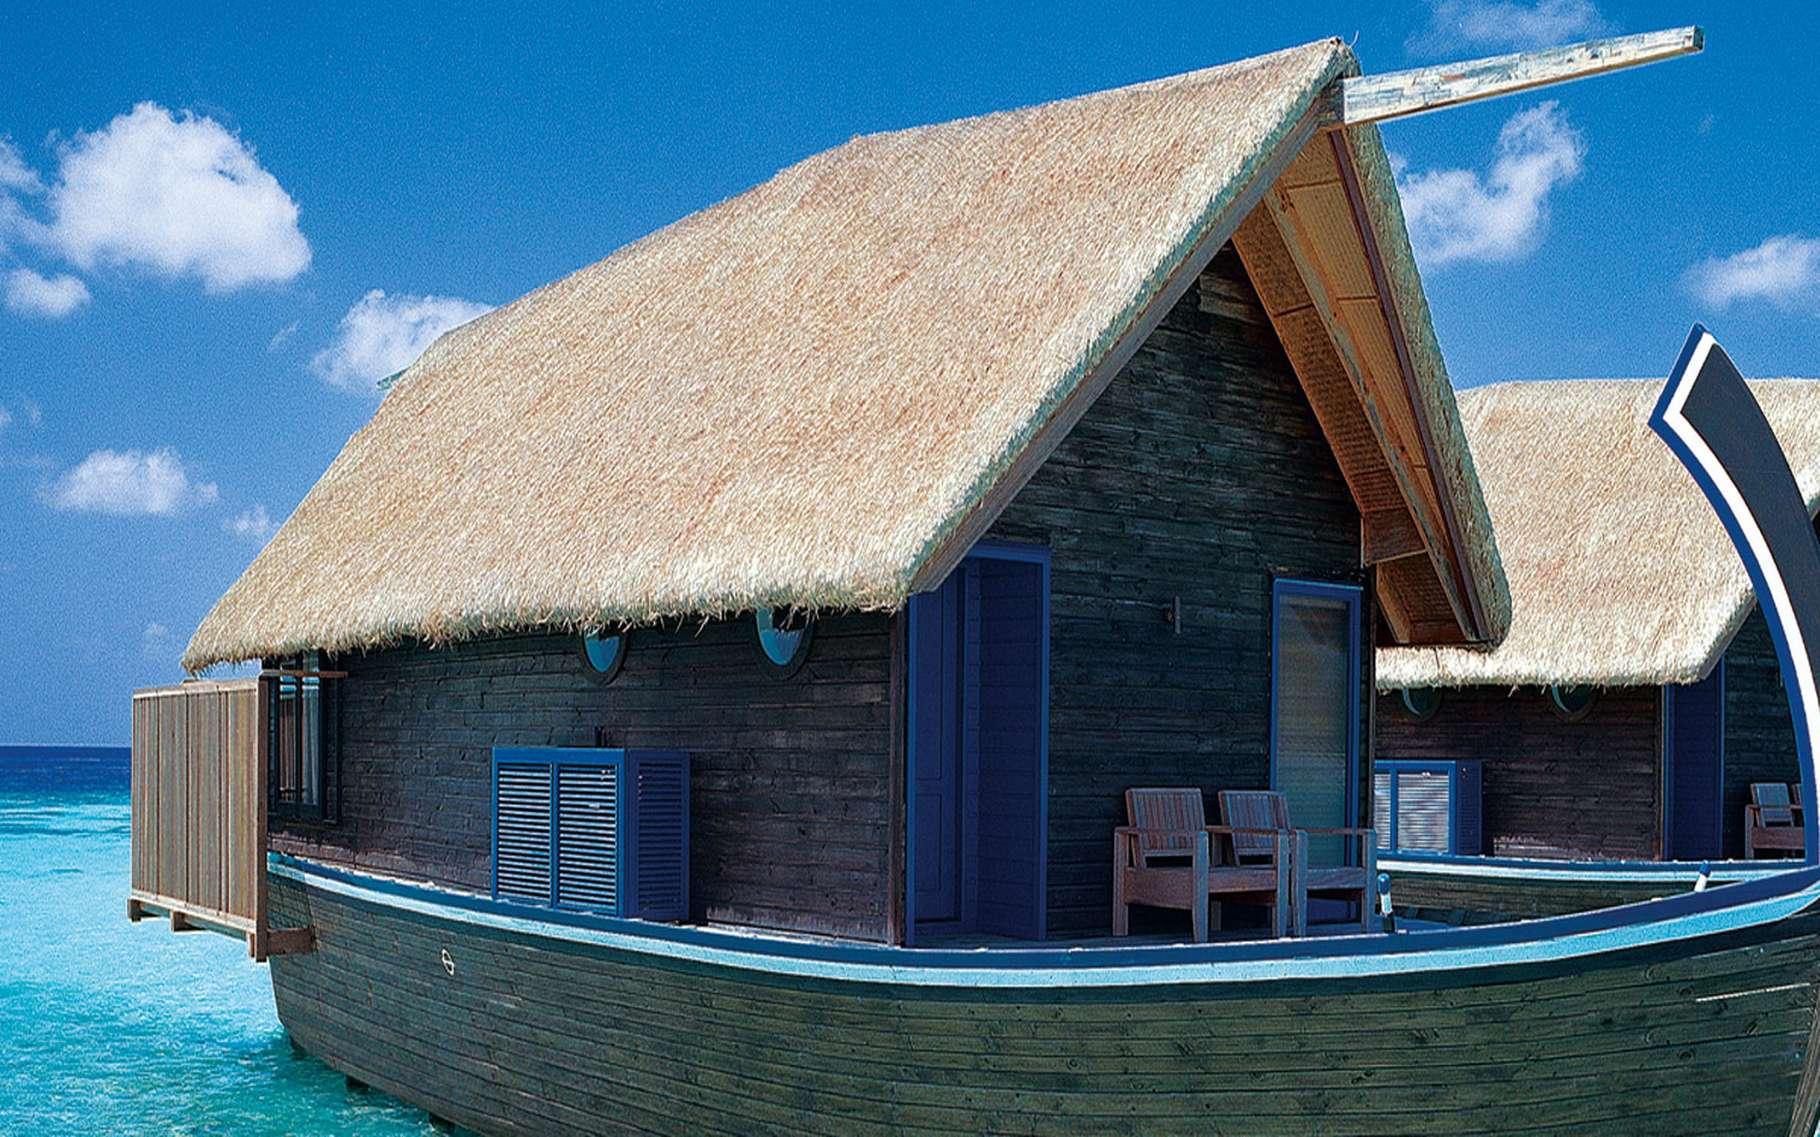 Les villas Dhoni aux Maldives. Situées à quelques centaines de kilomètres de l'Inde, les nombreuses îles des Maldives offrent des paysages et des fonds marins exceptionnels. Le tourisme est aujourd'hui une des principales activités de ce pays. De nombreuses villas de rêve y ont été construites, pour le plus grand bonheur des touristes. Localisation : île de Cocoa (Maldives). © Chi King, Flickr, CC by 2.0